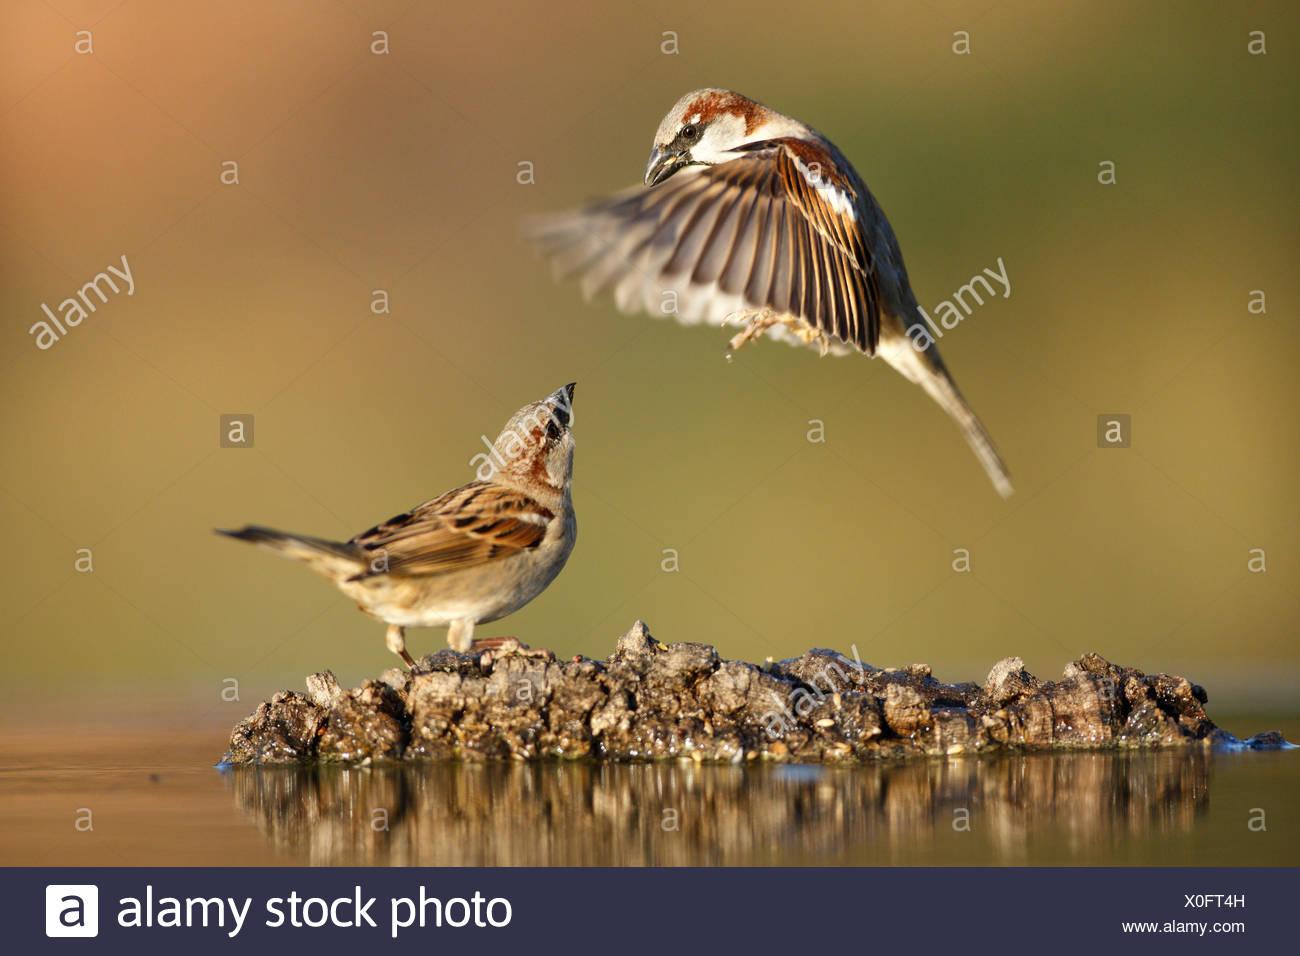 Gorrión común (Passer domesticus) aterrizó junto a otro gorrión cerca del agua, Alicante, España Imagen De Stock